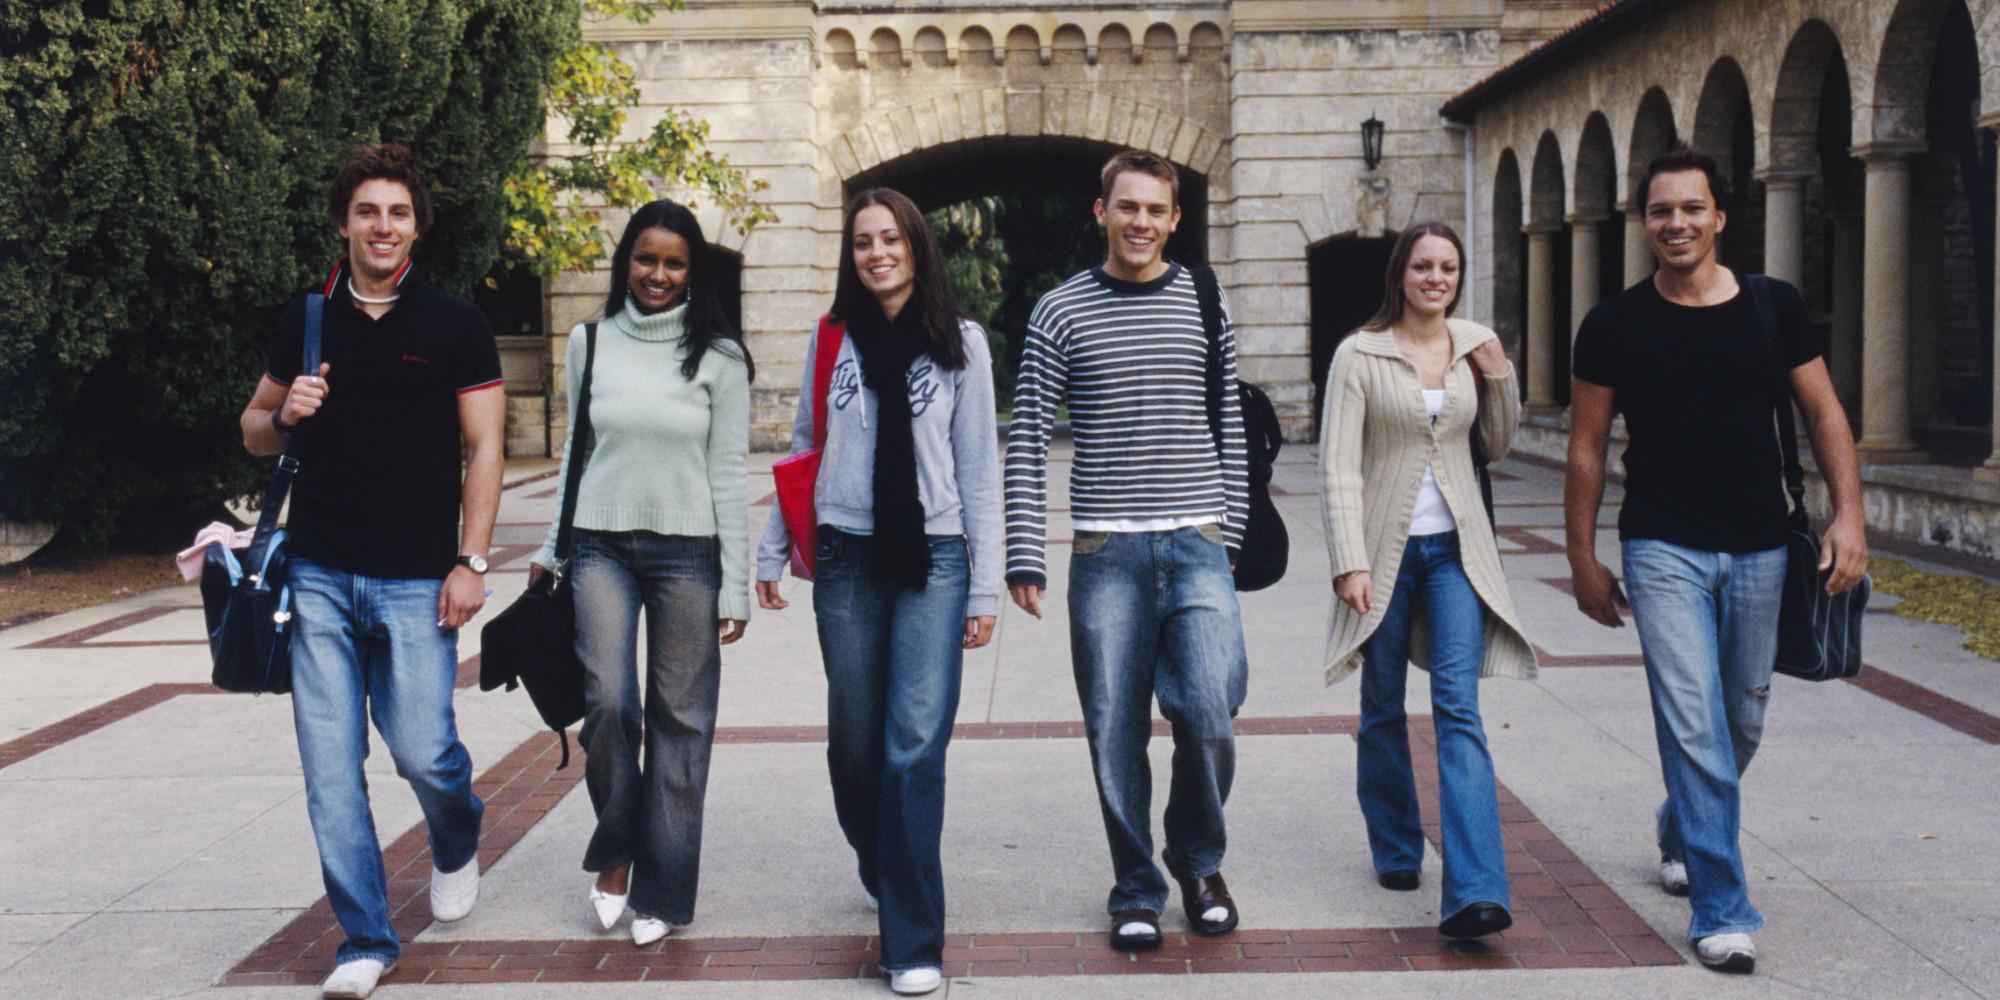 Prawie połowa licealistów z Illinois kontynuuje naukę na studiach w innych stanach